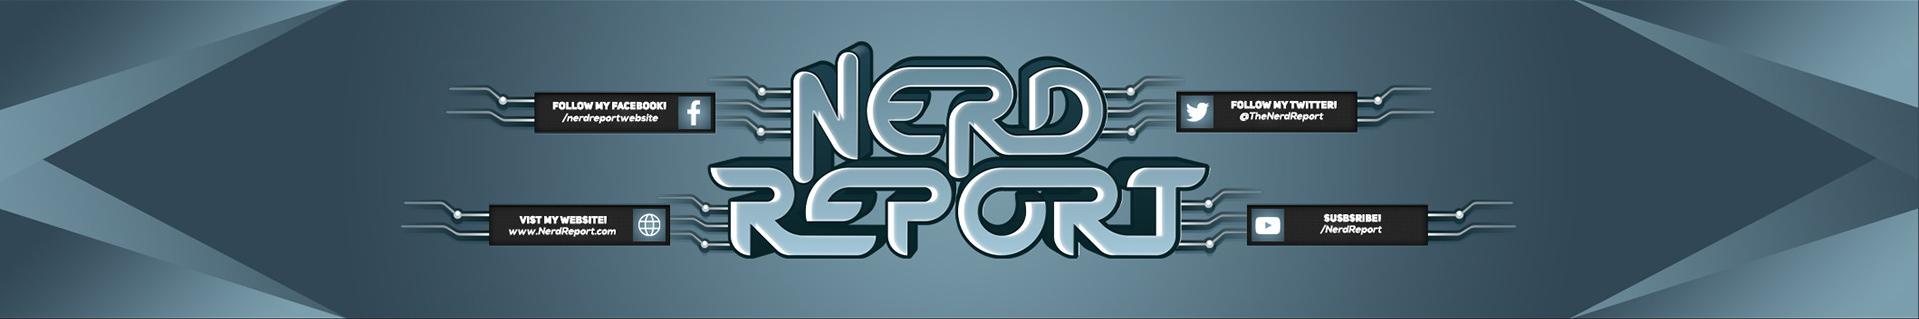 Nerd Report logo